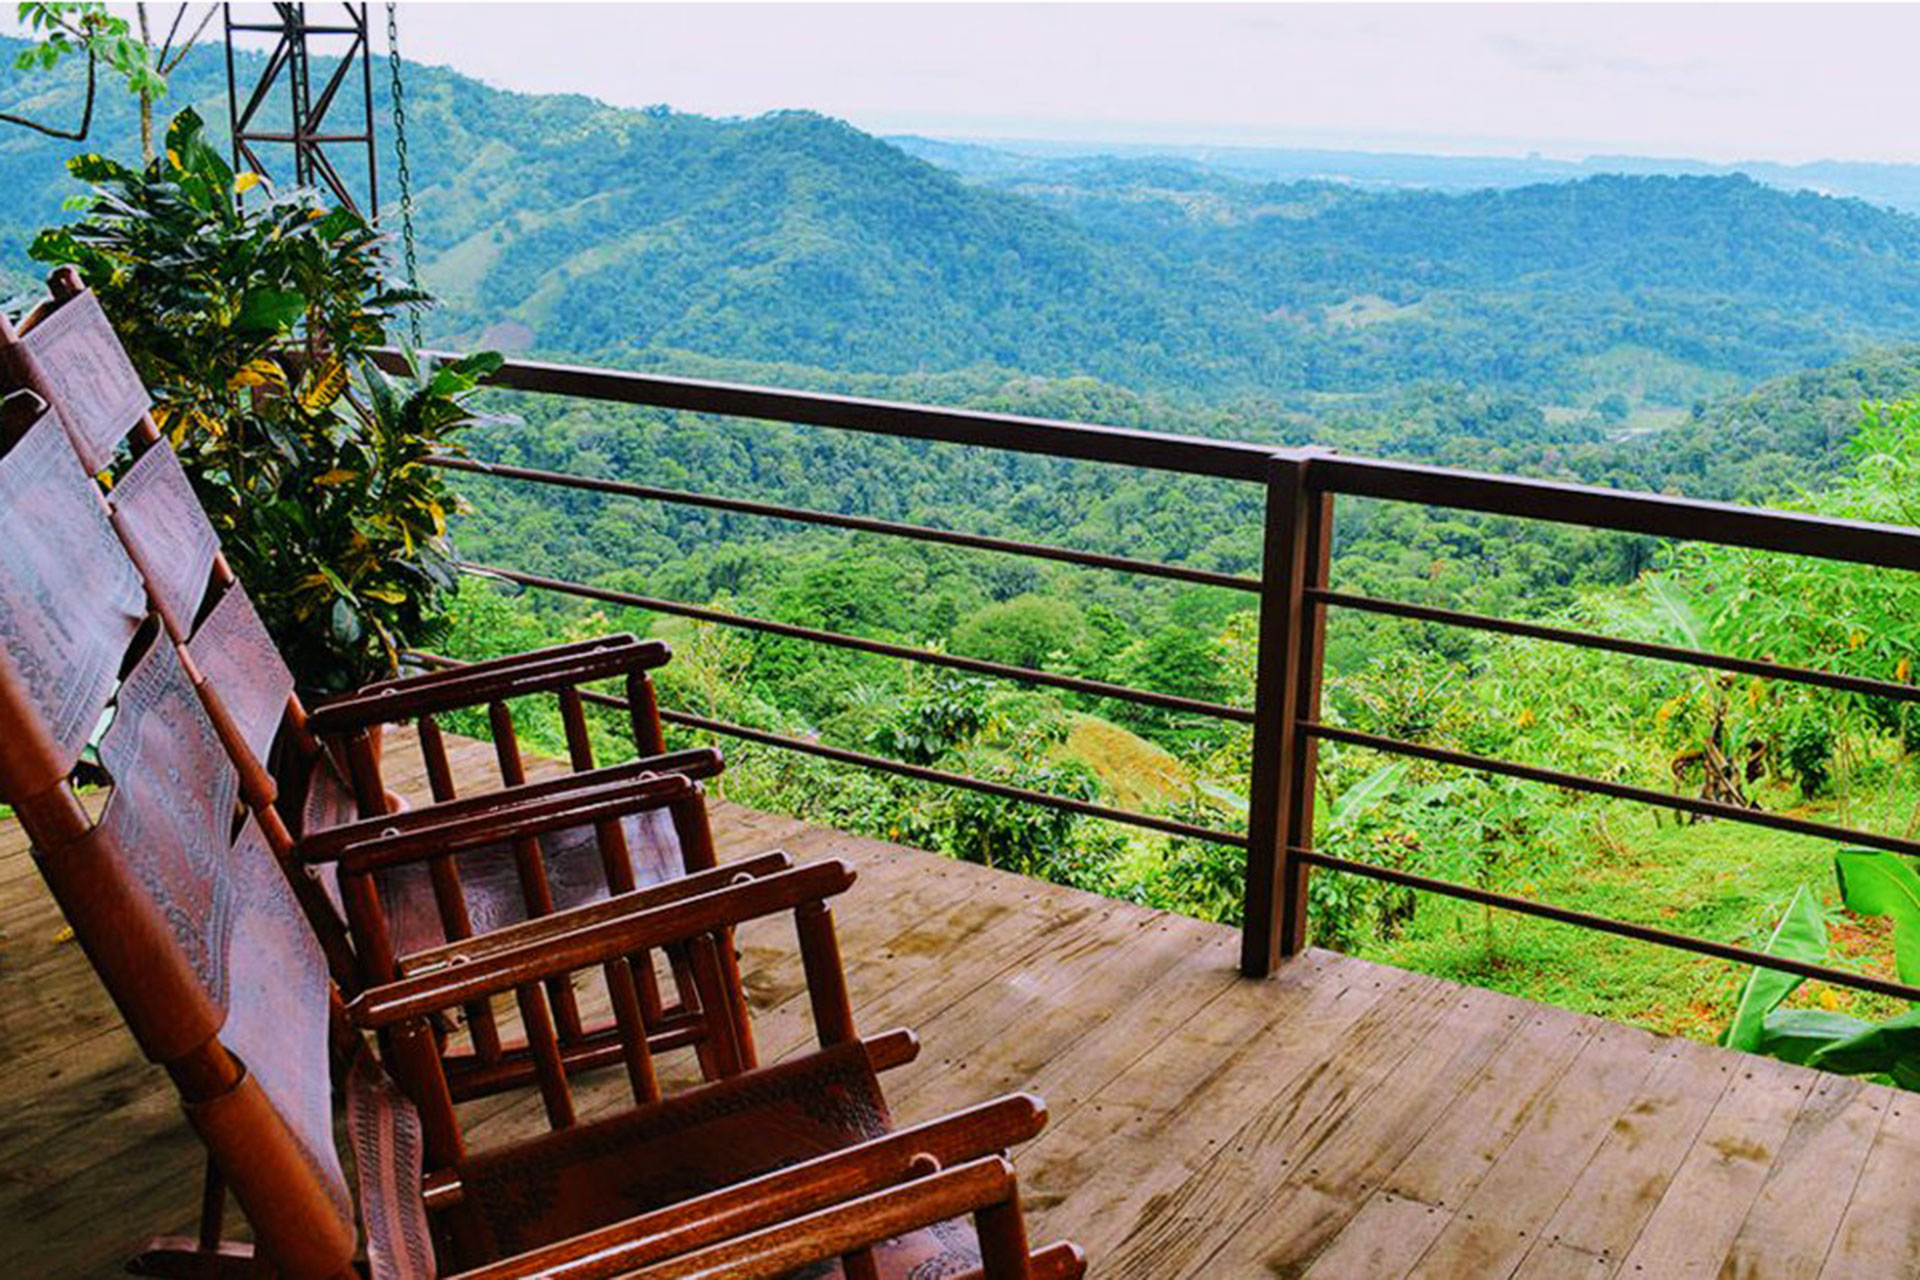 View from Treehouse at Santa Juana Lodge in Costa Rica; Courtesy of Santa Juana Lodge